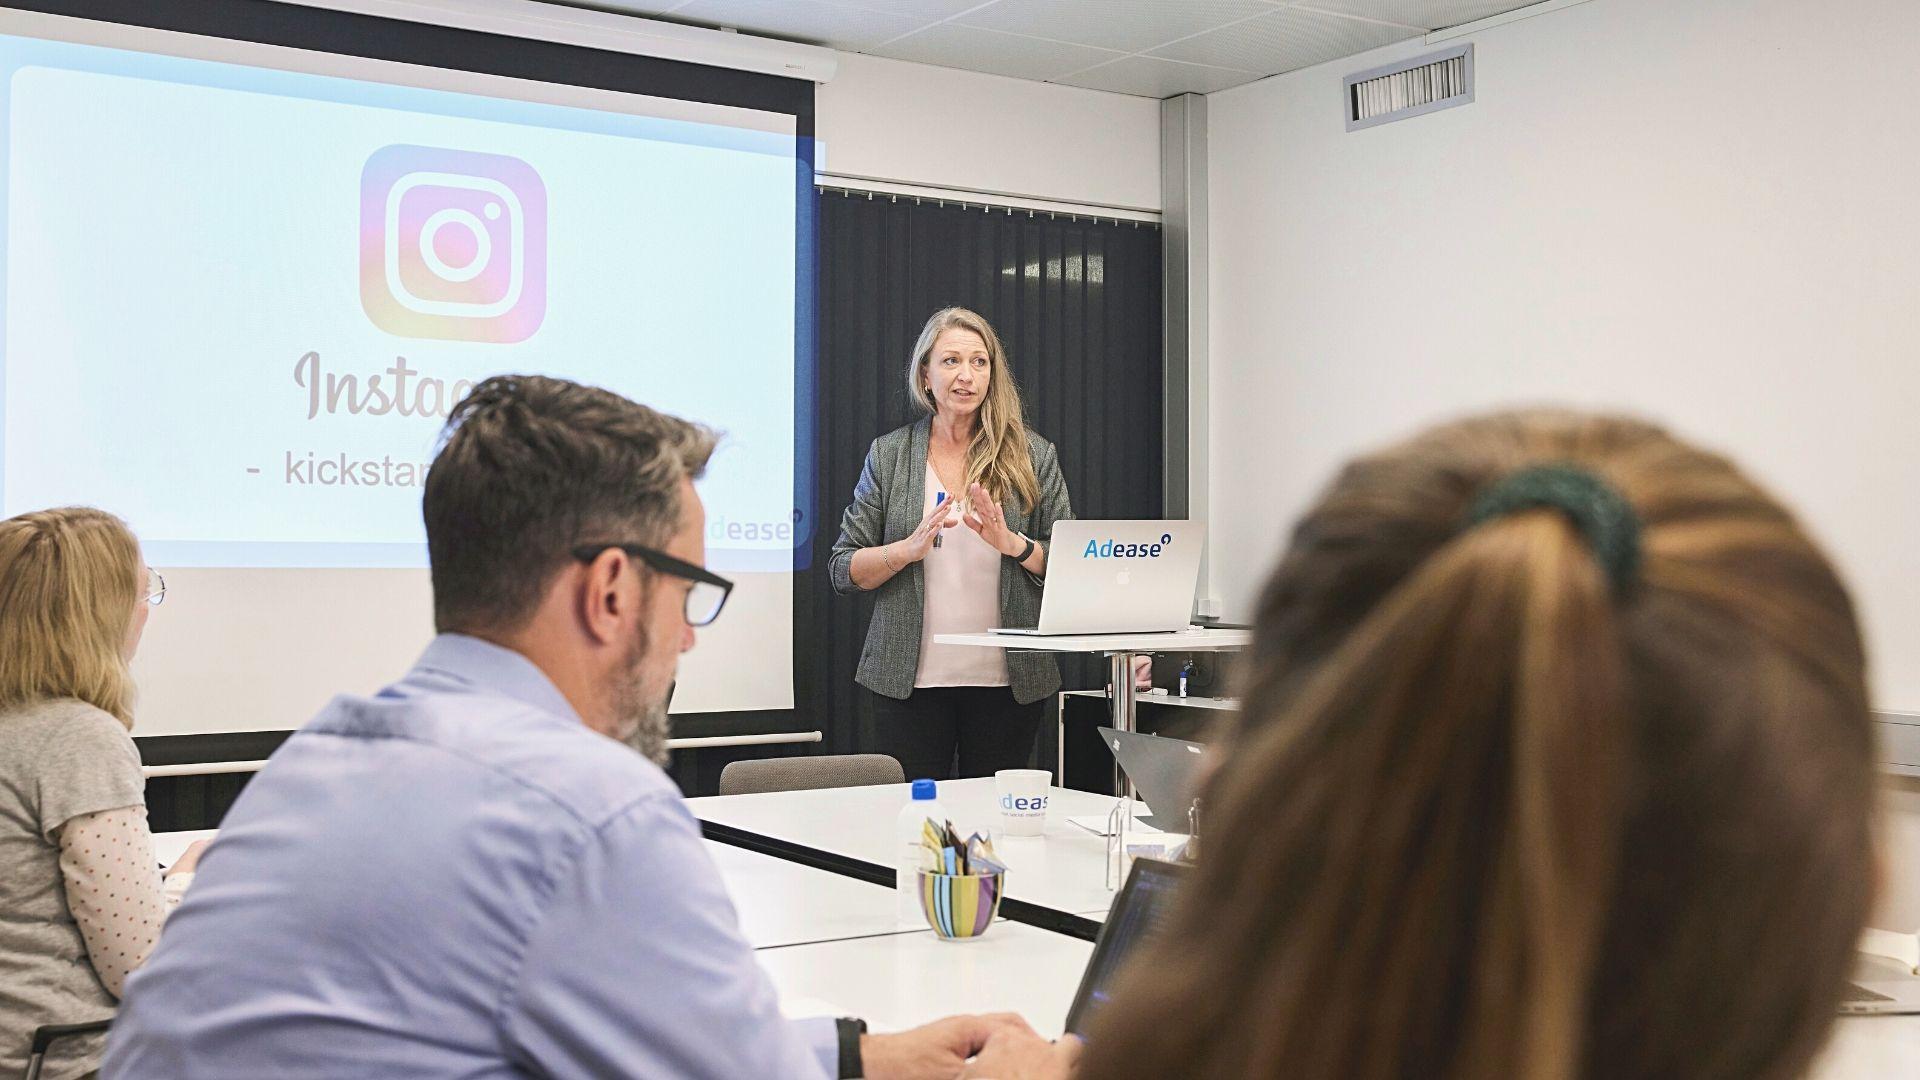 bestil en tilpasset workshop så du selv kan håndtere din Facebook, Instagram eller LinkedIn profil